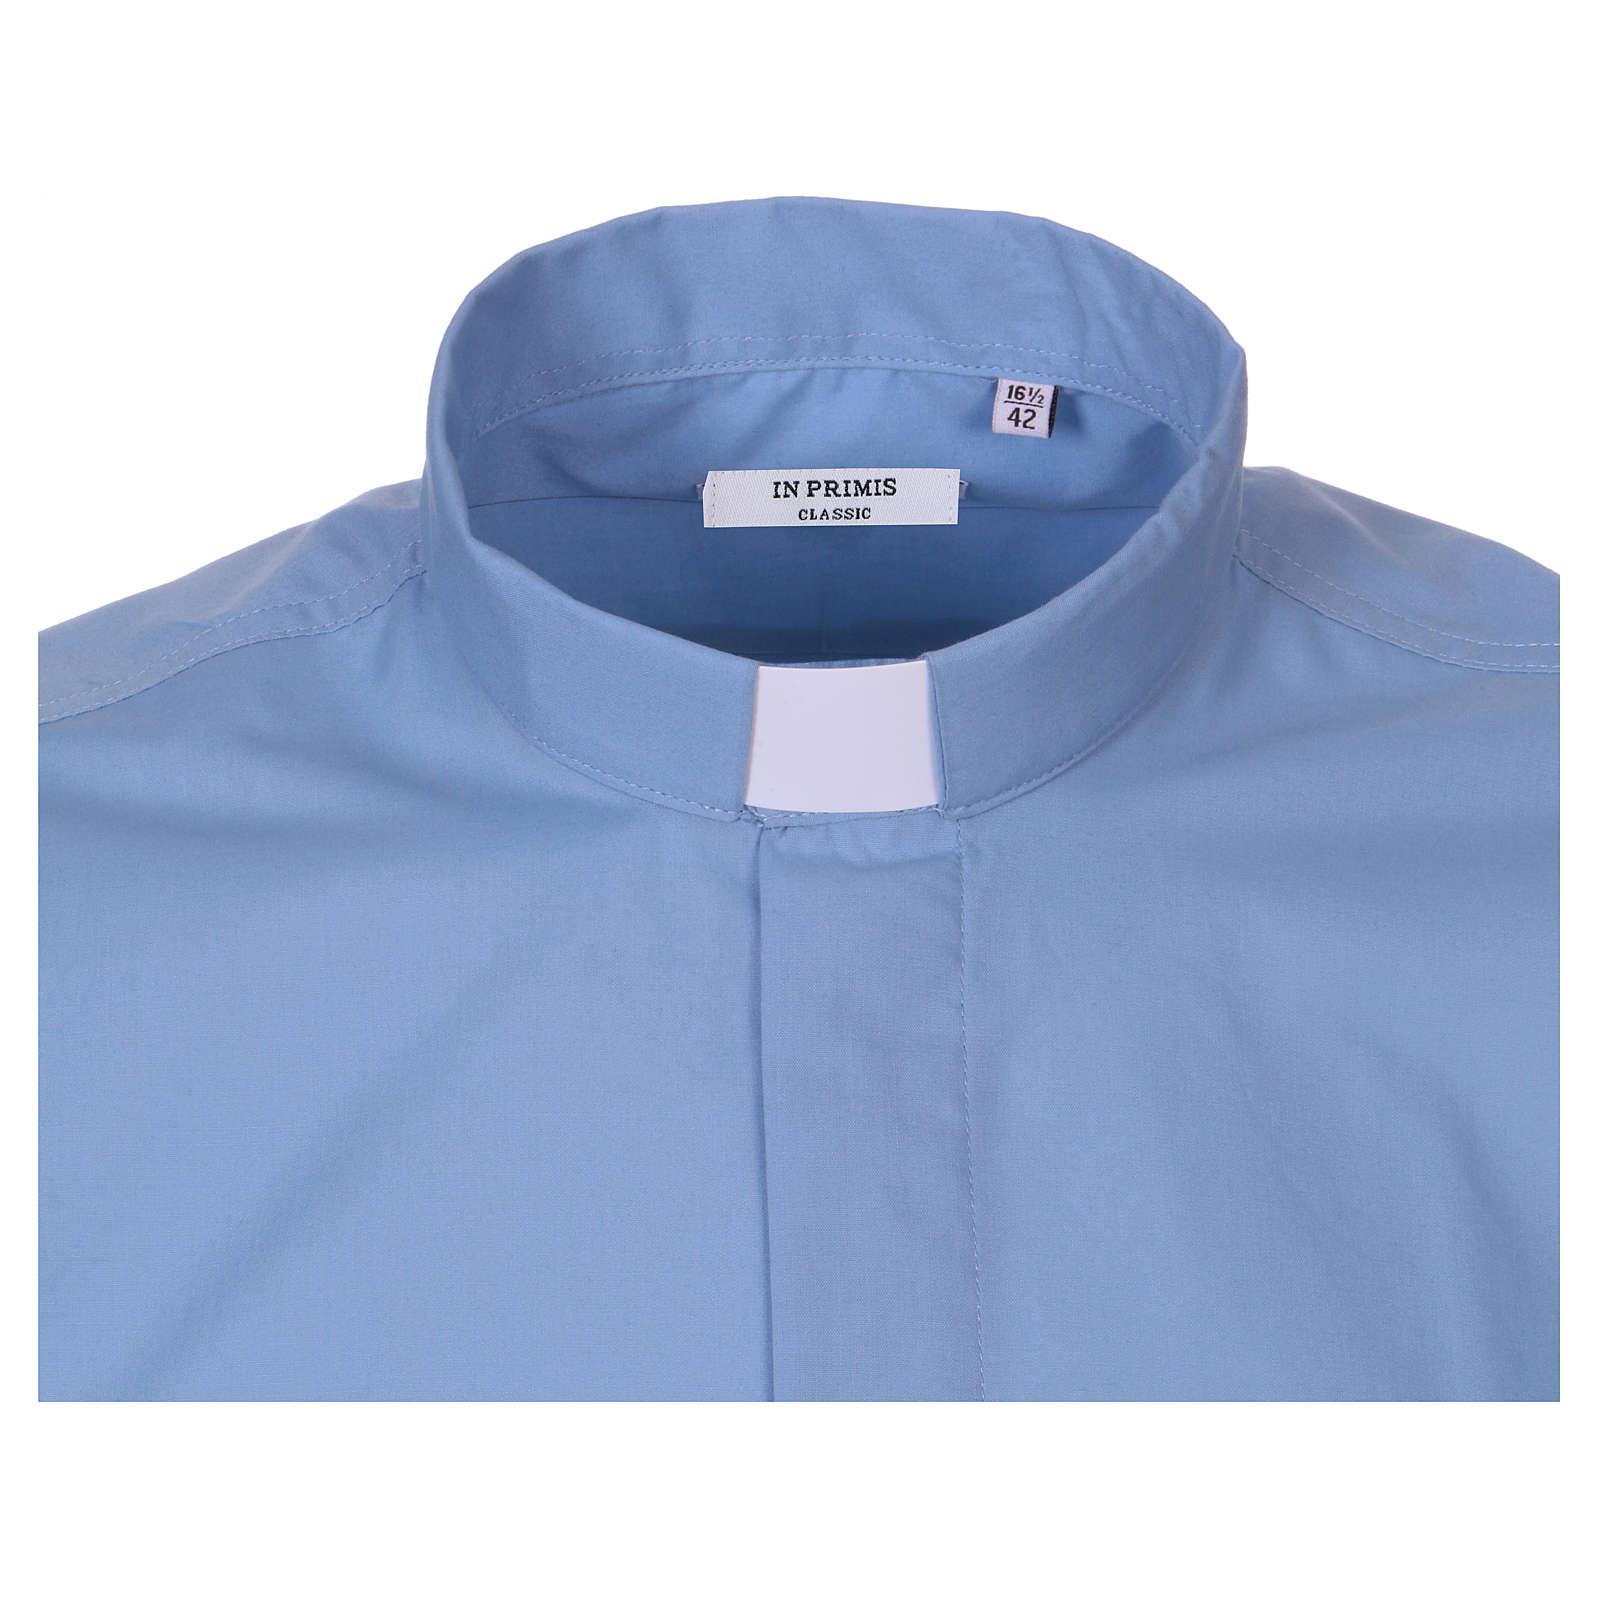 Camicia clergyman manica corta misto cotone celeste In Primis 4